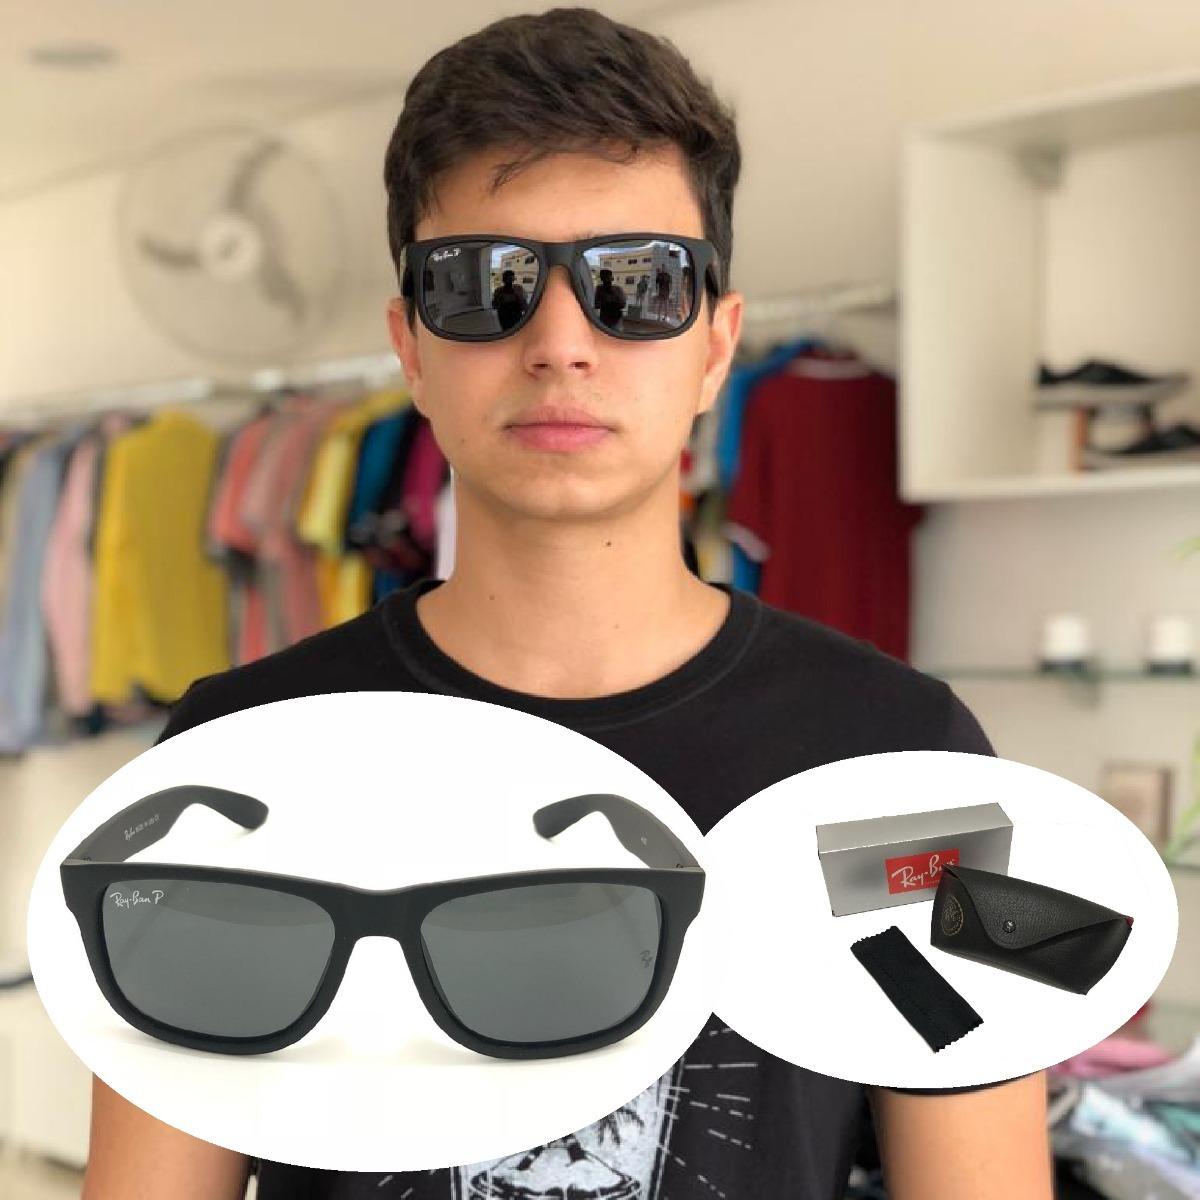 97a49a8a7 Oculos De Sol Masculino Justin Ray Ban Polarizado Rb4165 Top - R$ 33 ...